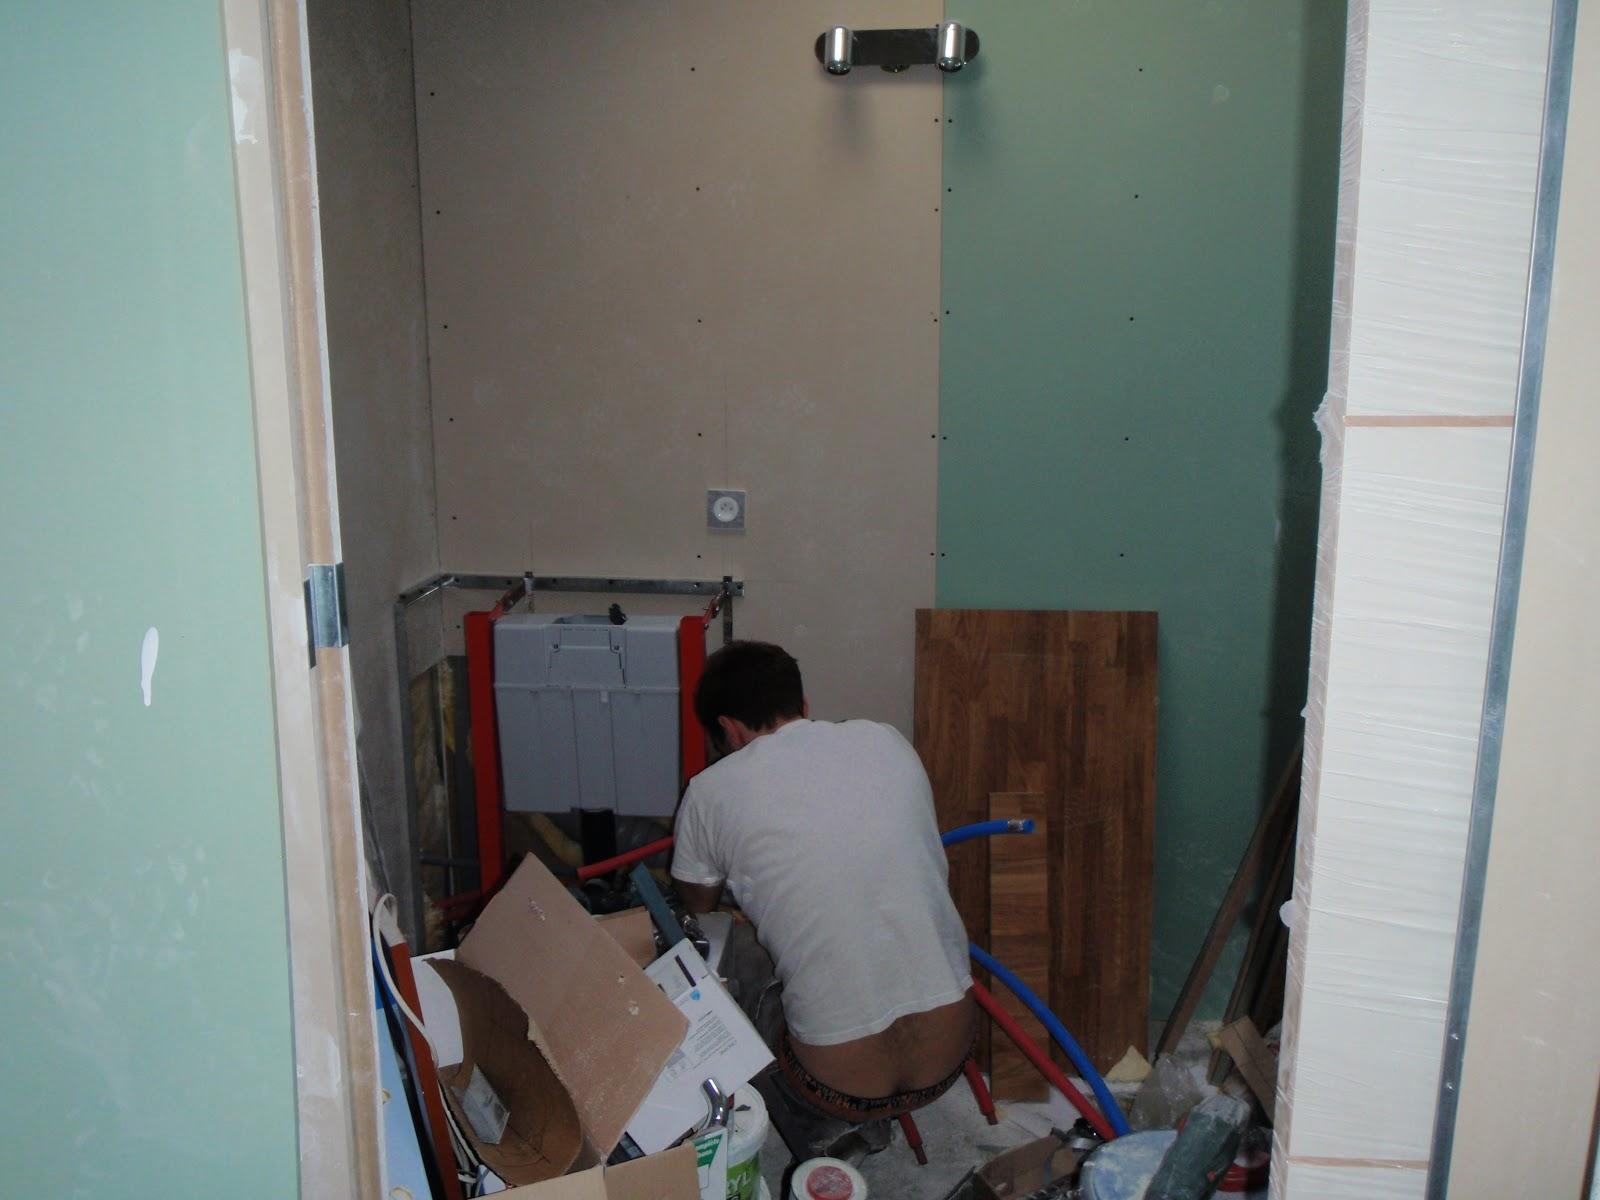 fabulous antoine a aussi fait de la plomberie pos les wc suspendus pour luhabiller avec le placo. Black Bedroom Furniture Sets. Home Design Ideas